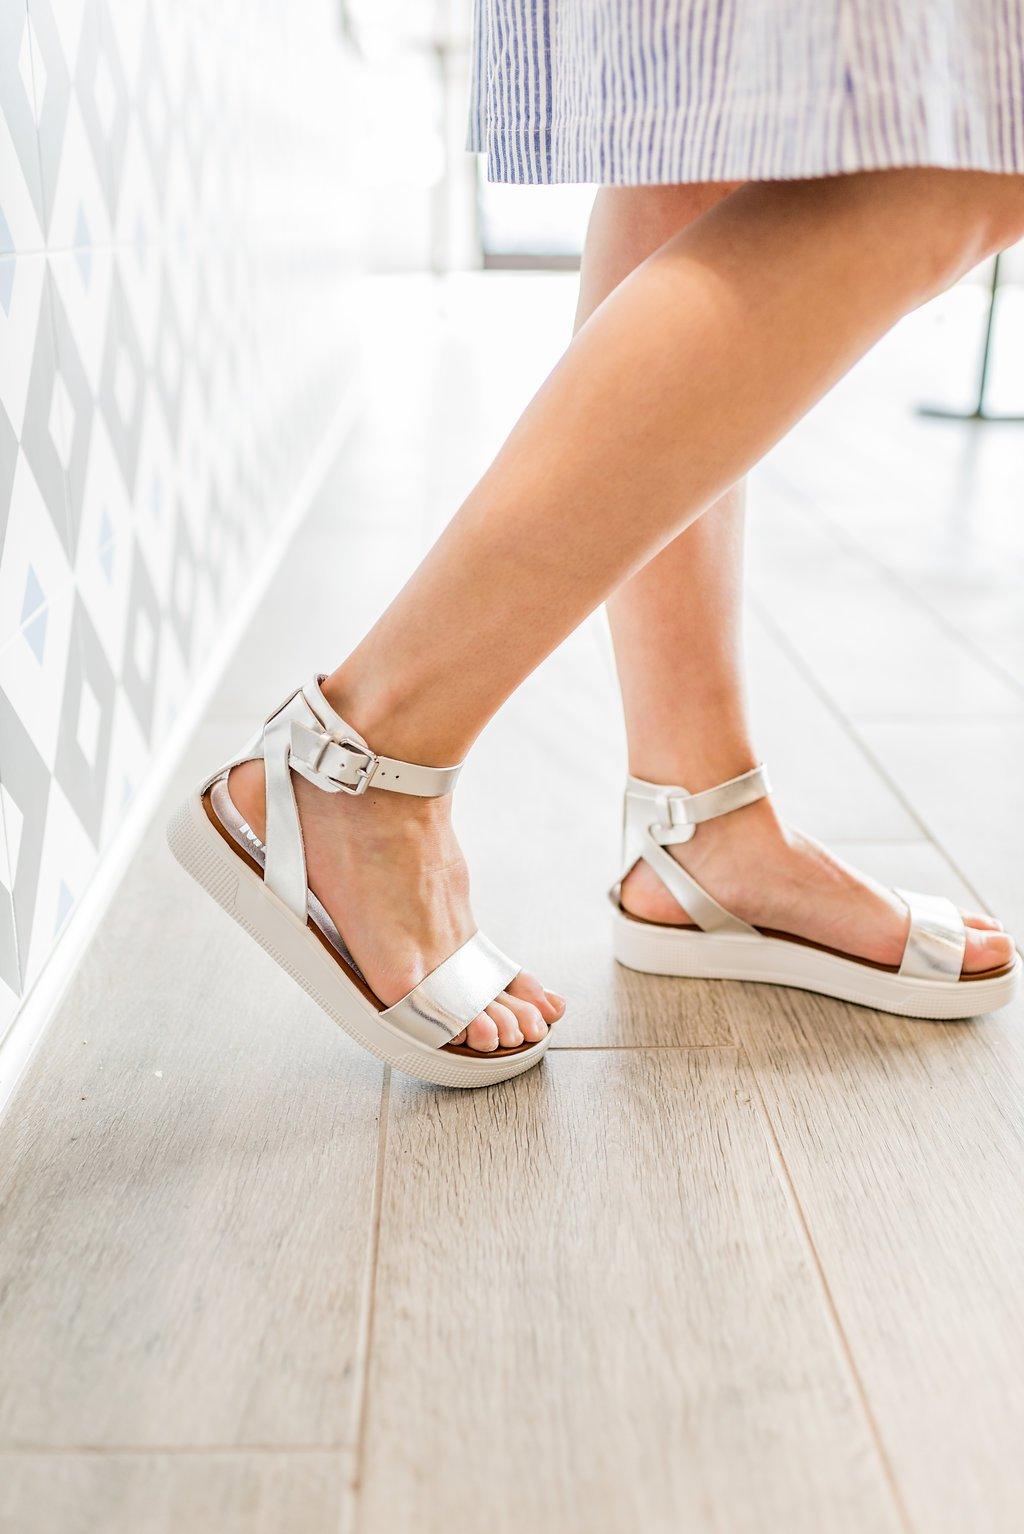 b415a4692b2f MIA  The Ellen Sandal in Silver